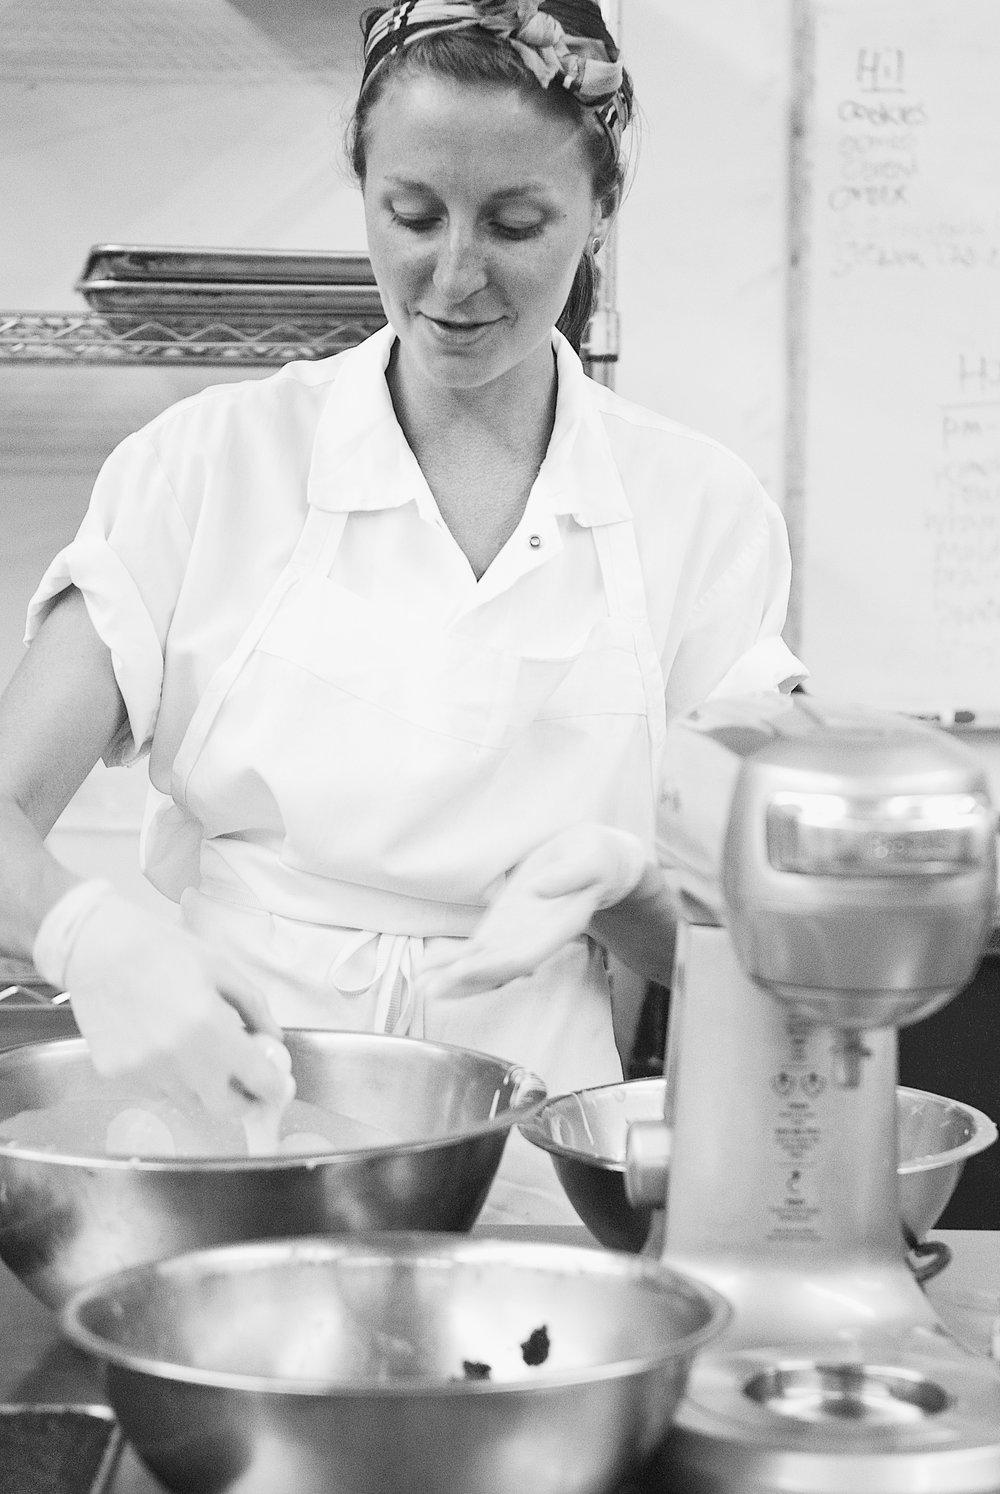 Baking With Christina Tosi of Momofuku Milk Bar -